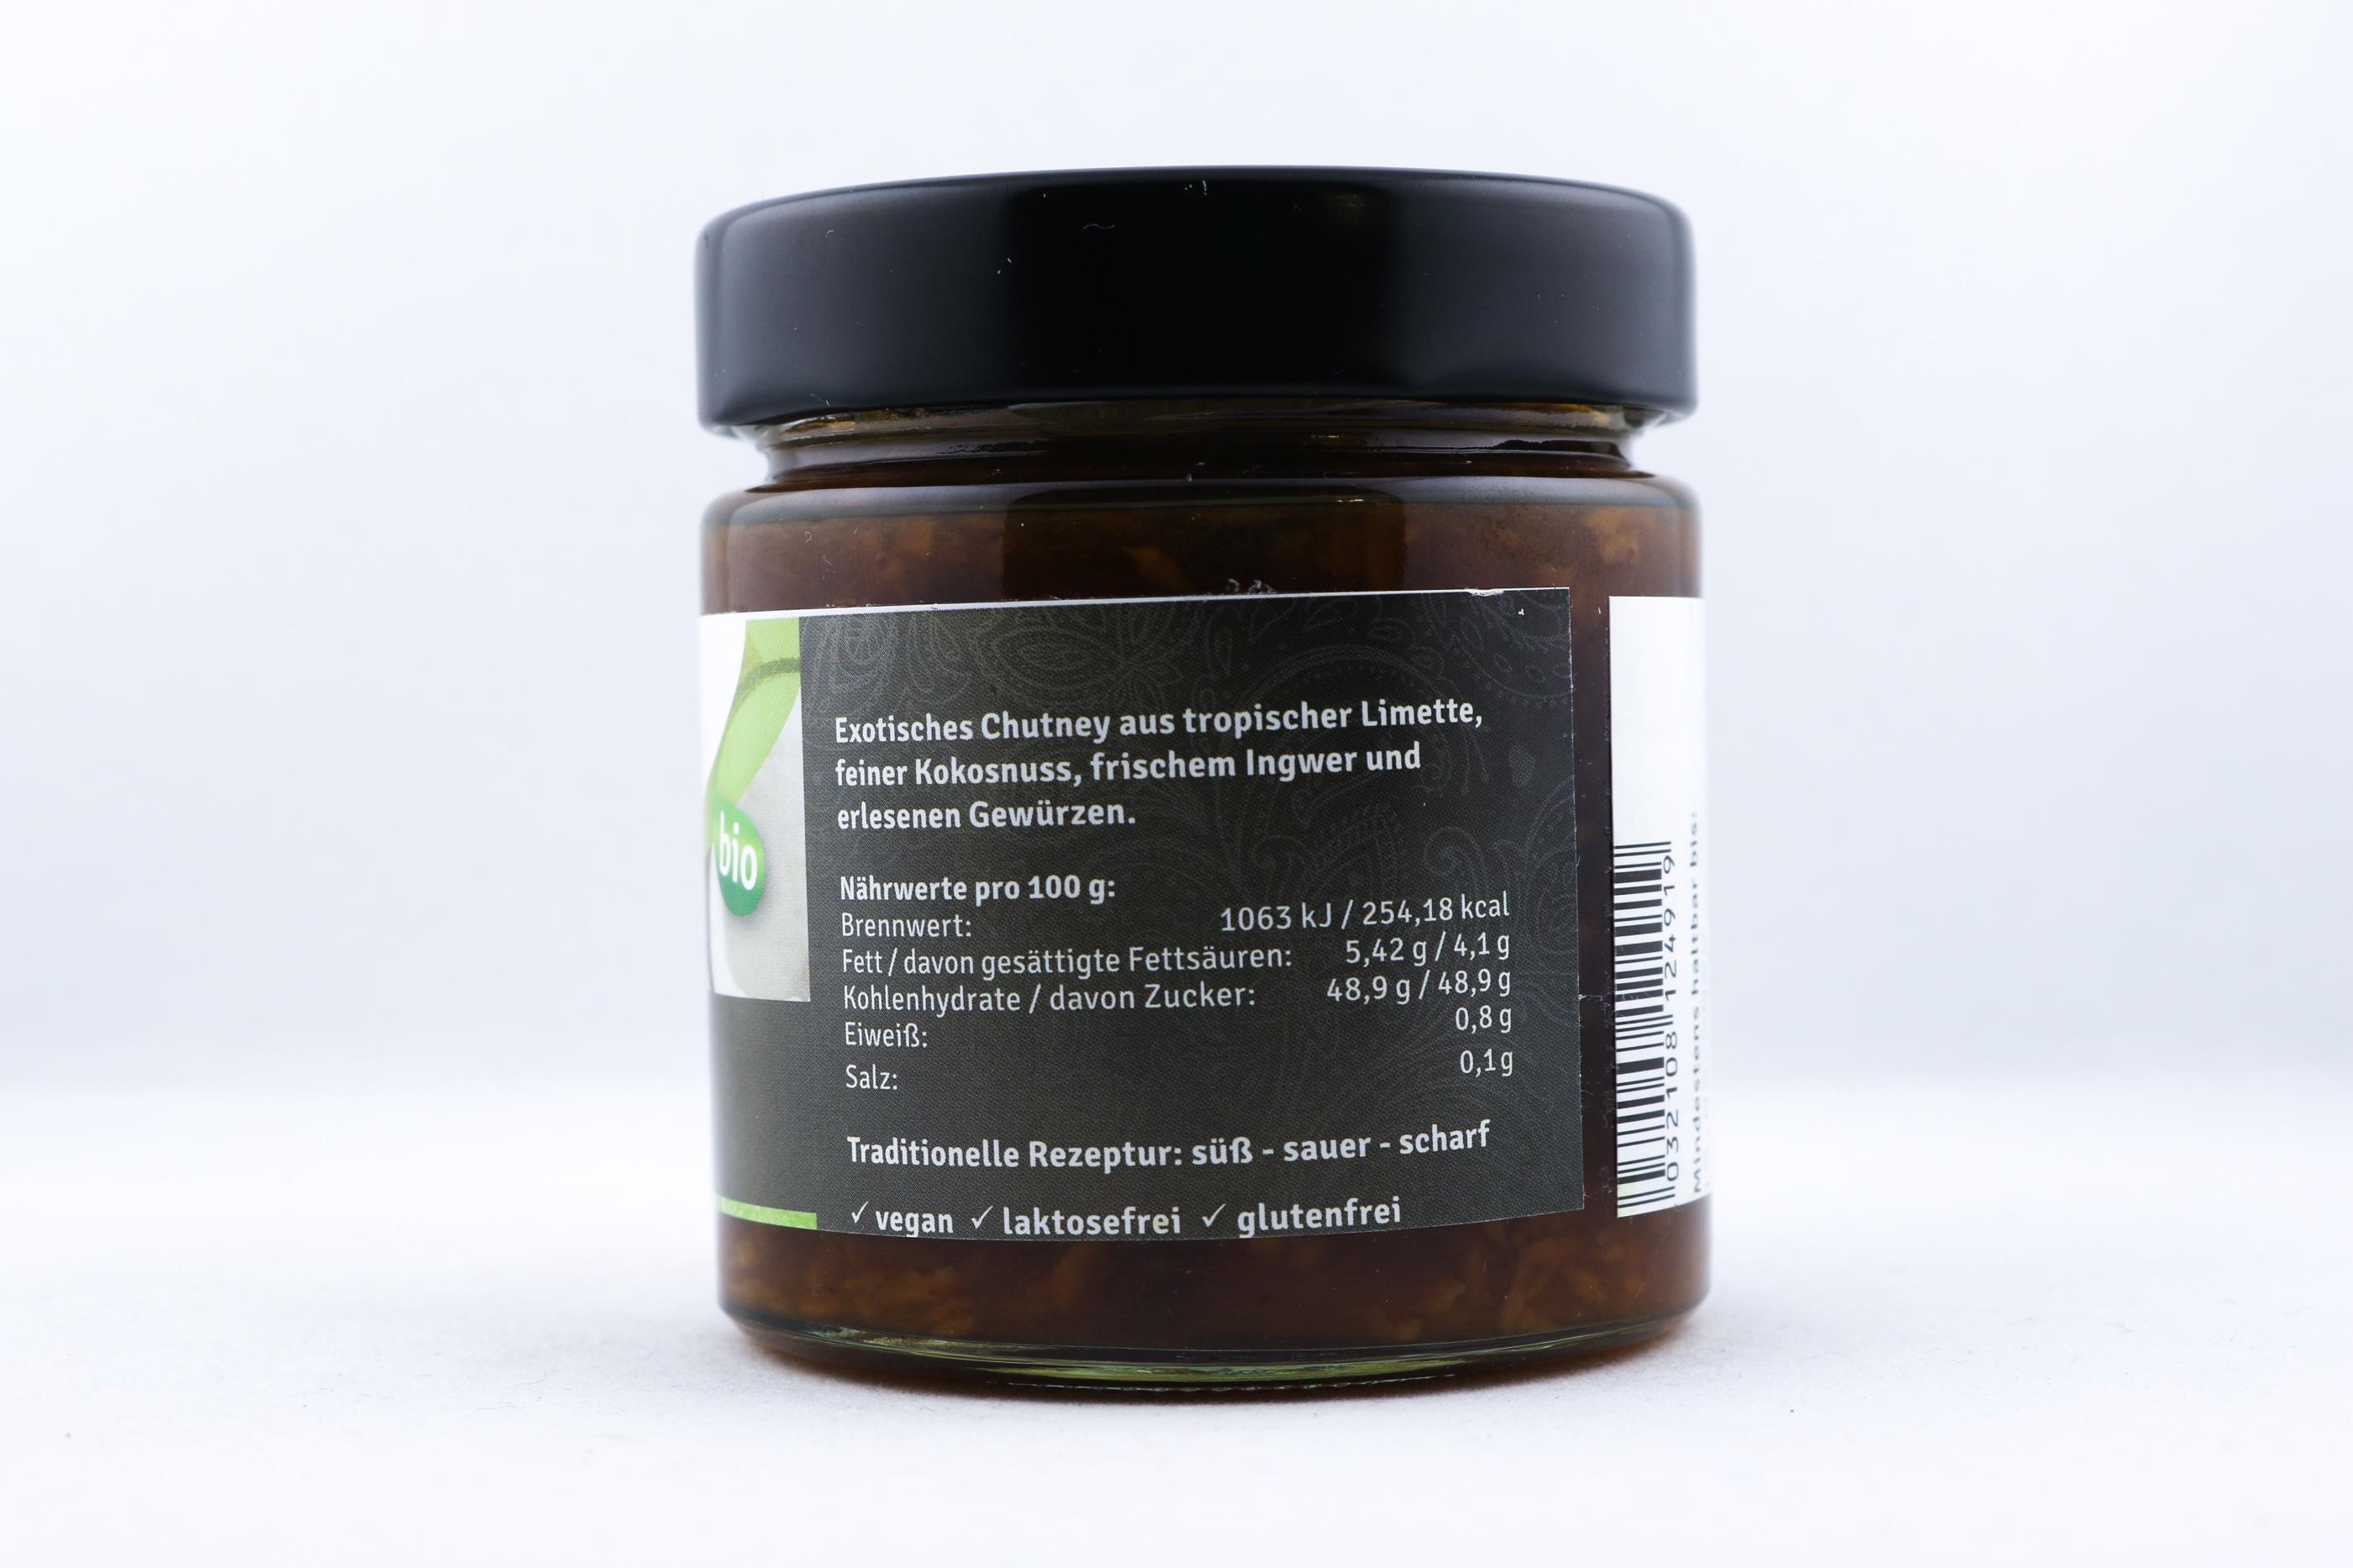 Cocos Limonen Chutney Wellness Ayurveda Halmstadmassören Halmstad Sverige Sweden svensk sött mat eko ekologiskt